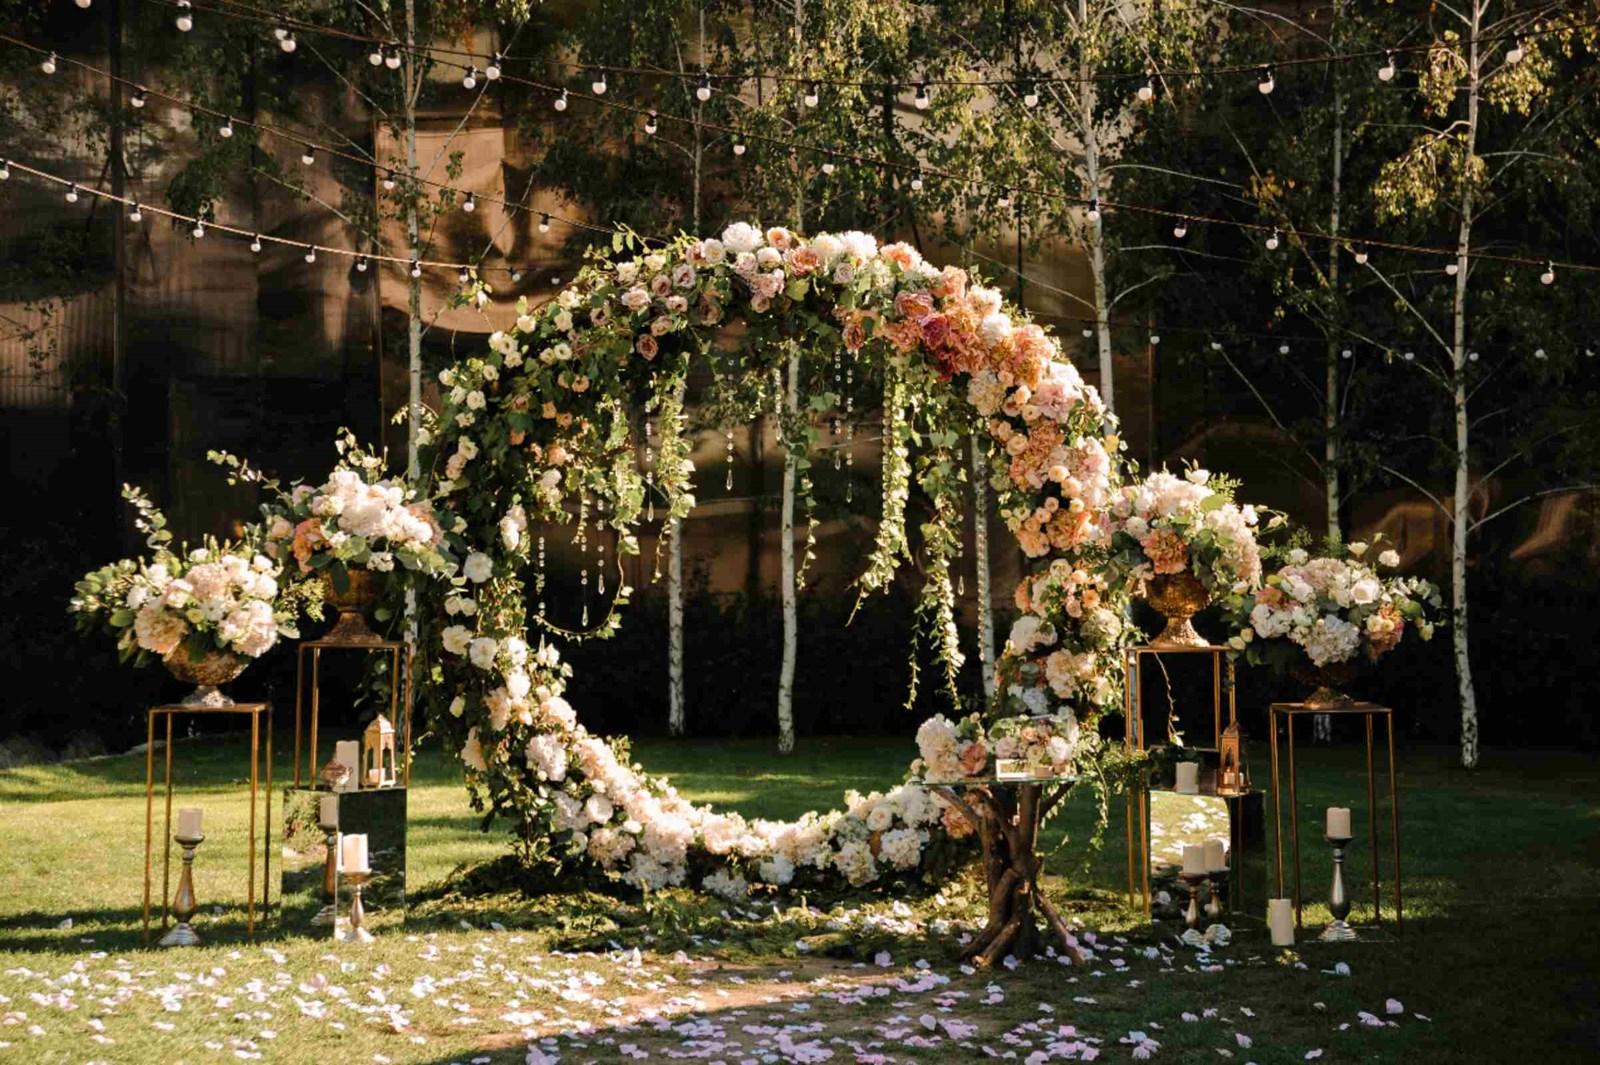 אירוע חלום: איך תזכרו את החתונה לכל החיים?, המדריך לתכנון חתונה, 1